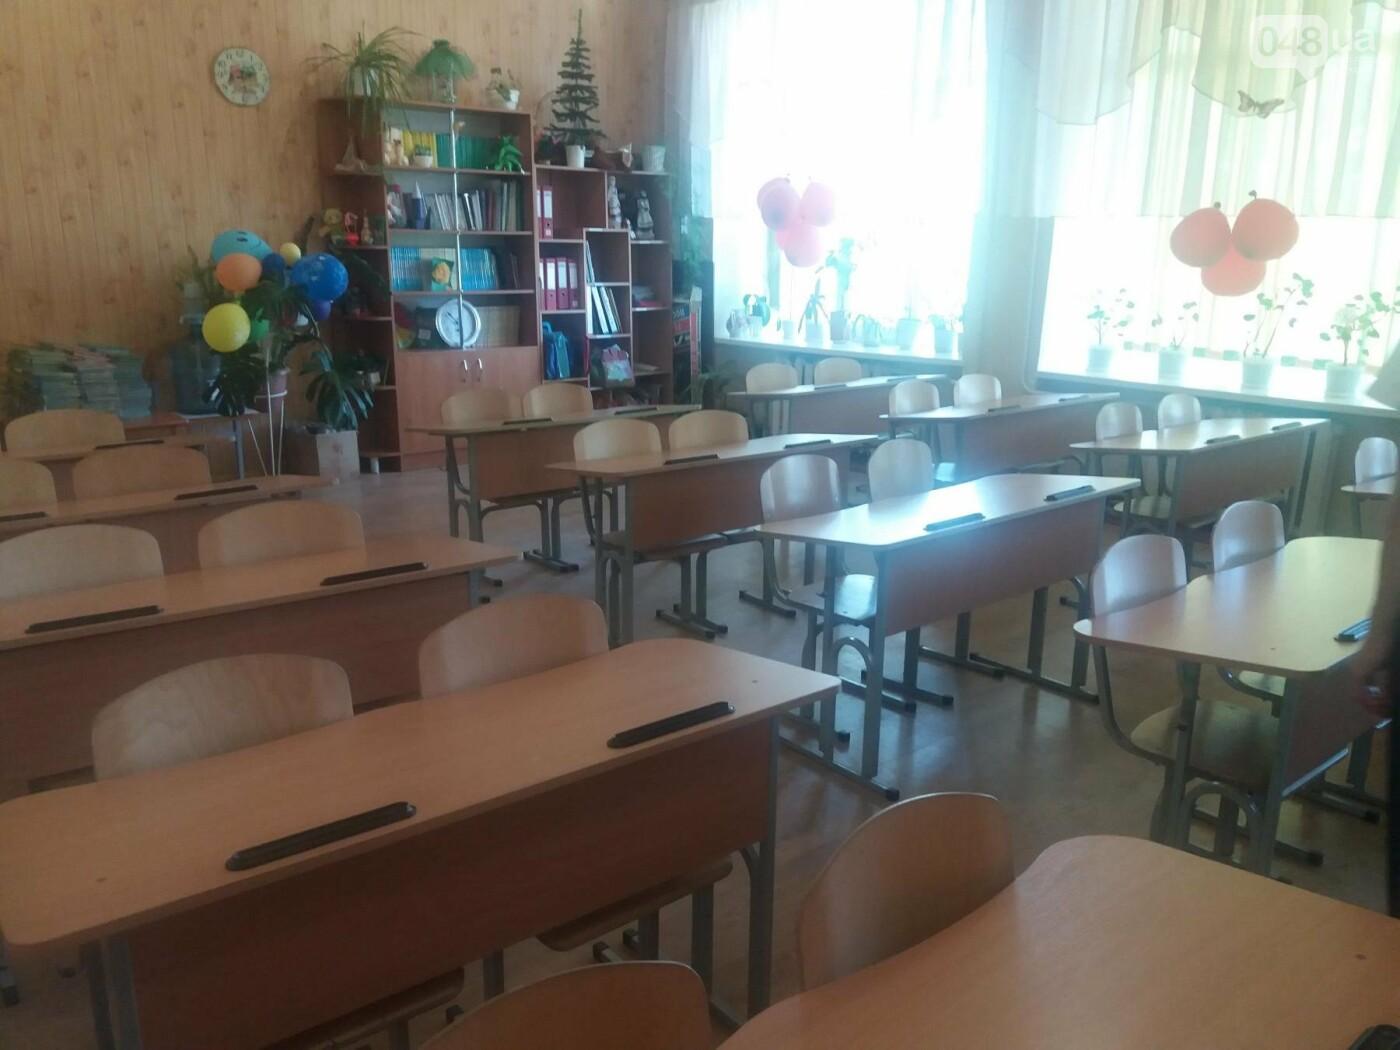 Децентрализация в действии: опыт Европы и радость первым собственным успехам в Одесской области, - ФОТО, фото-2